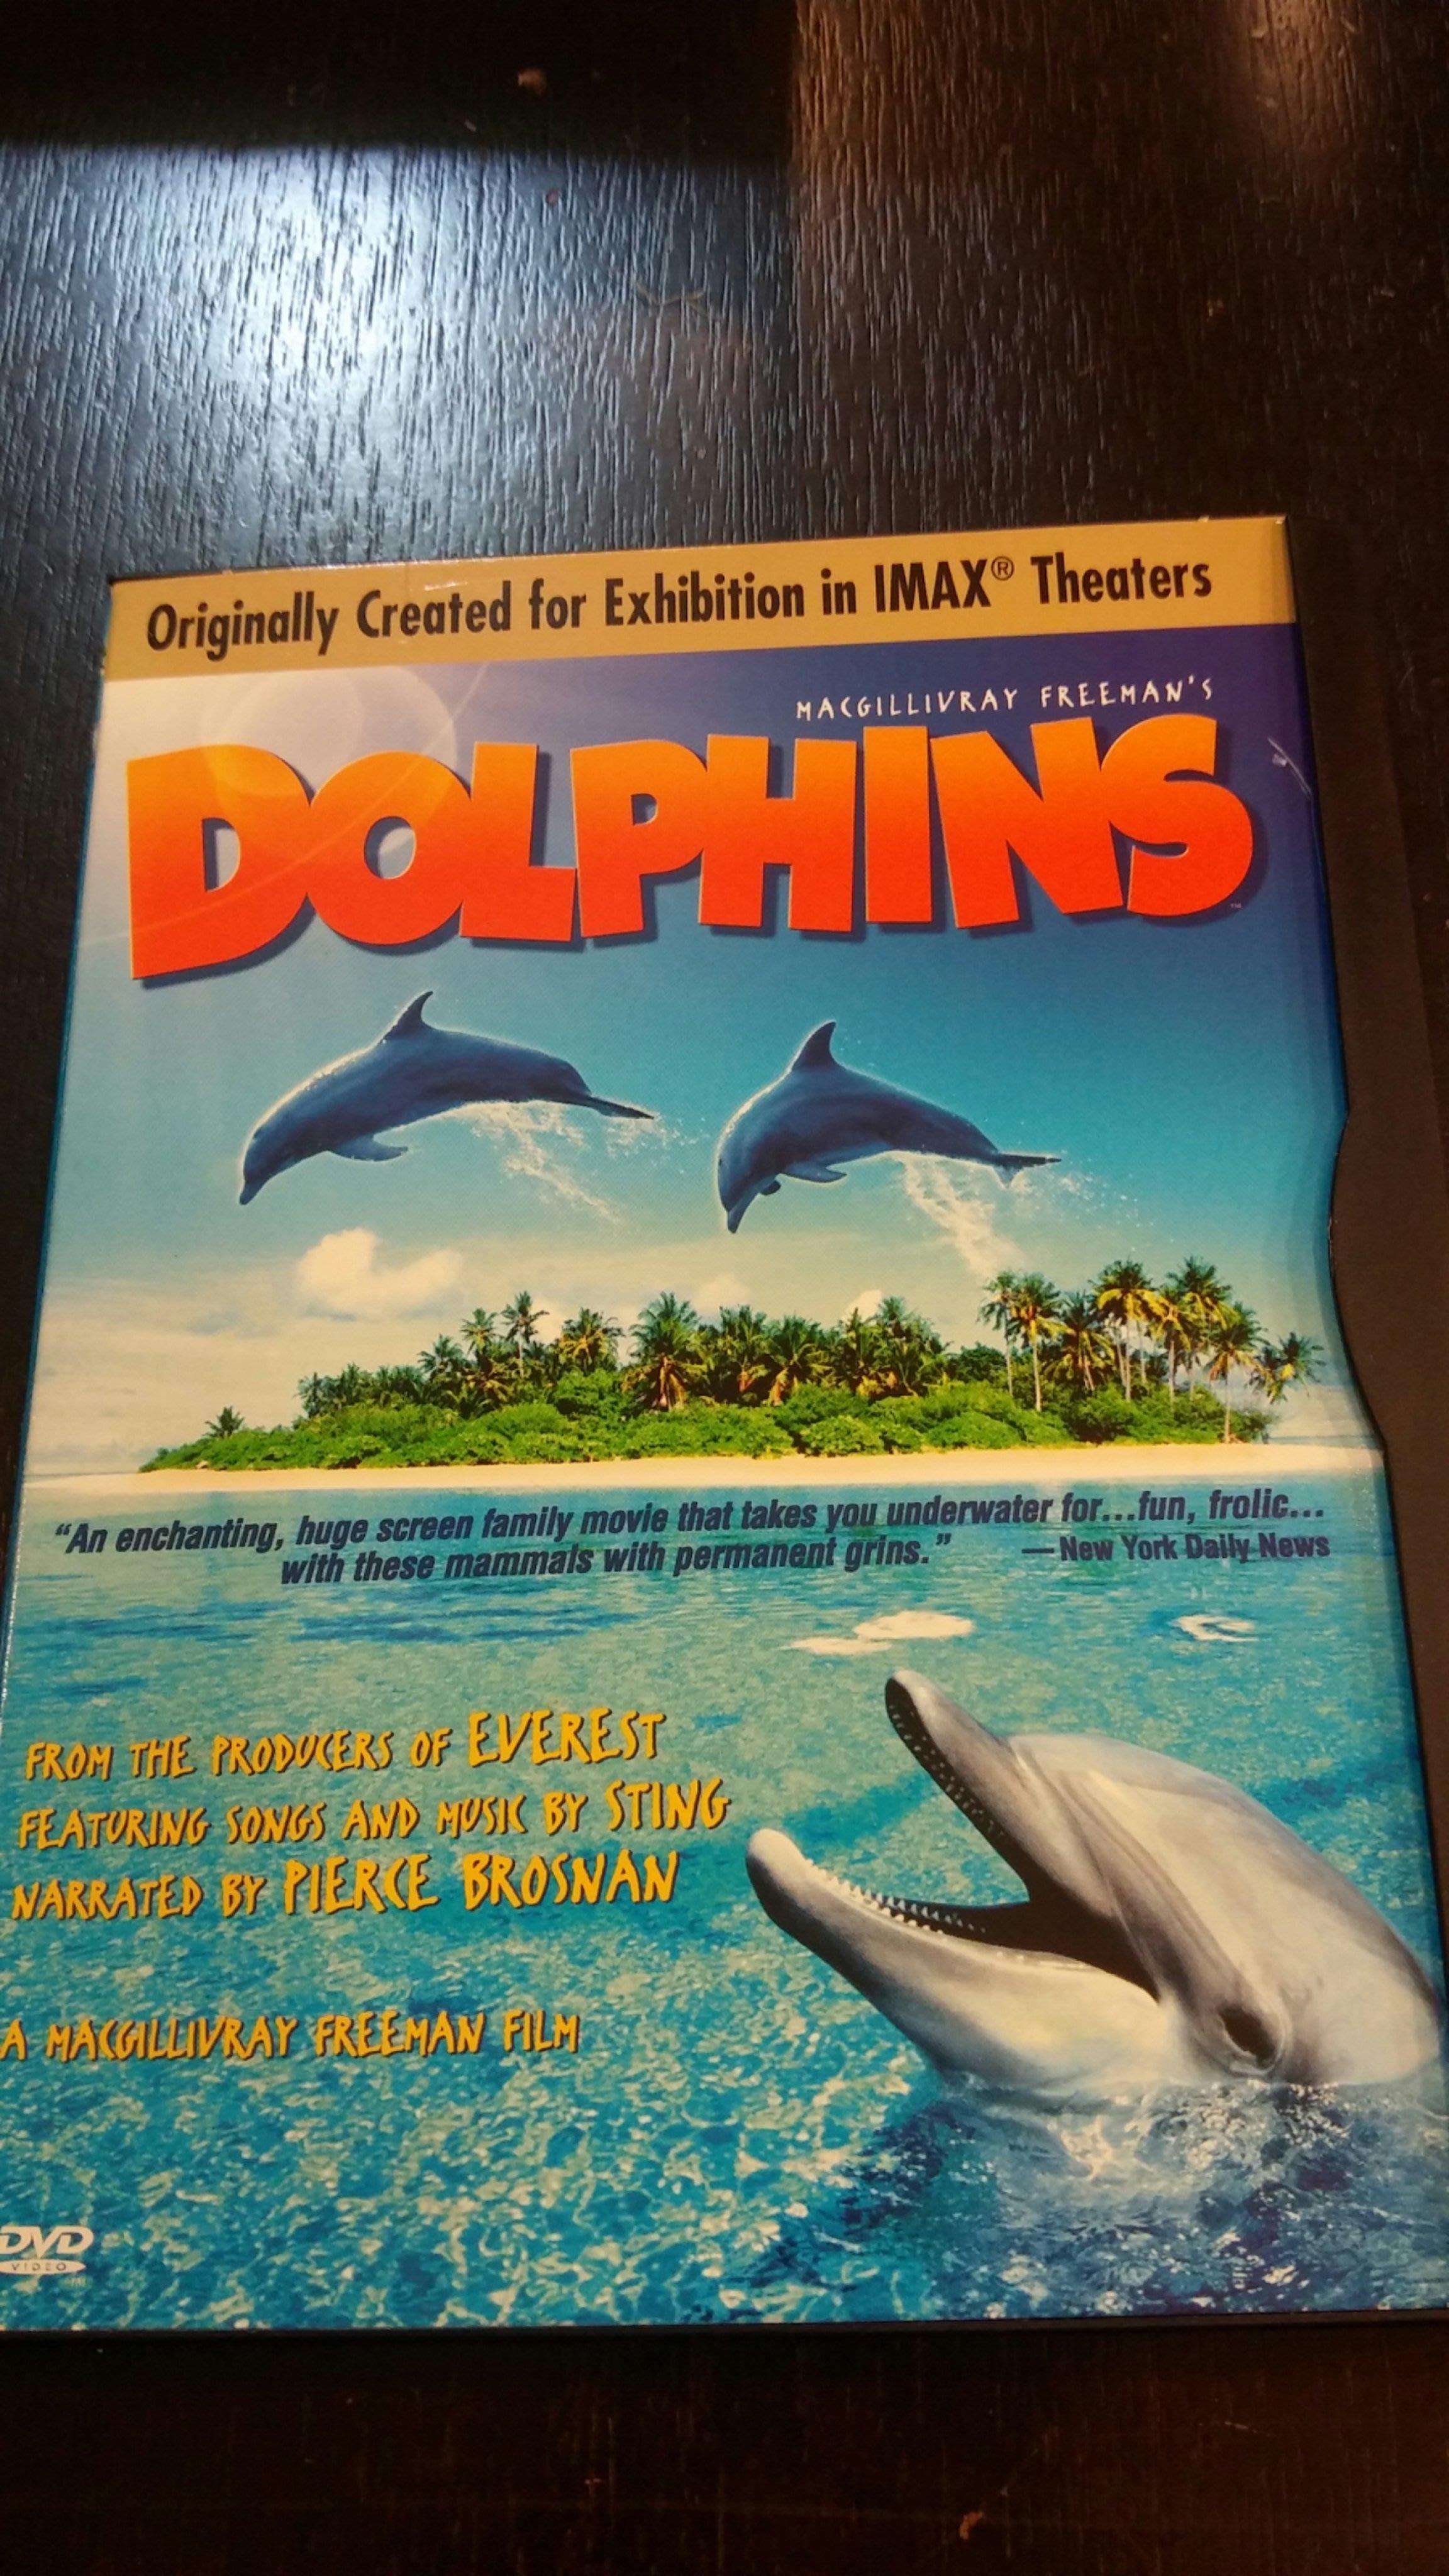 原版 Dolphins DVD (Originally created for exhibition in IMAX)